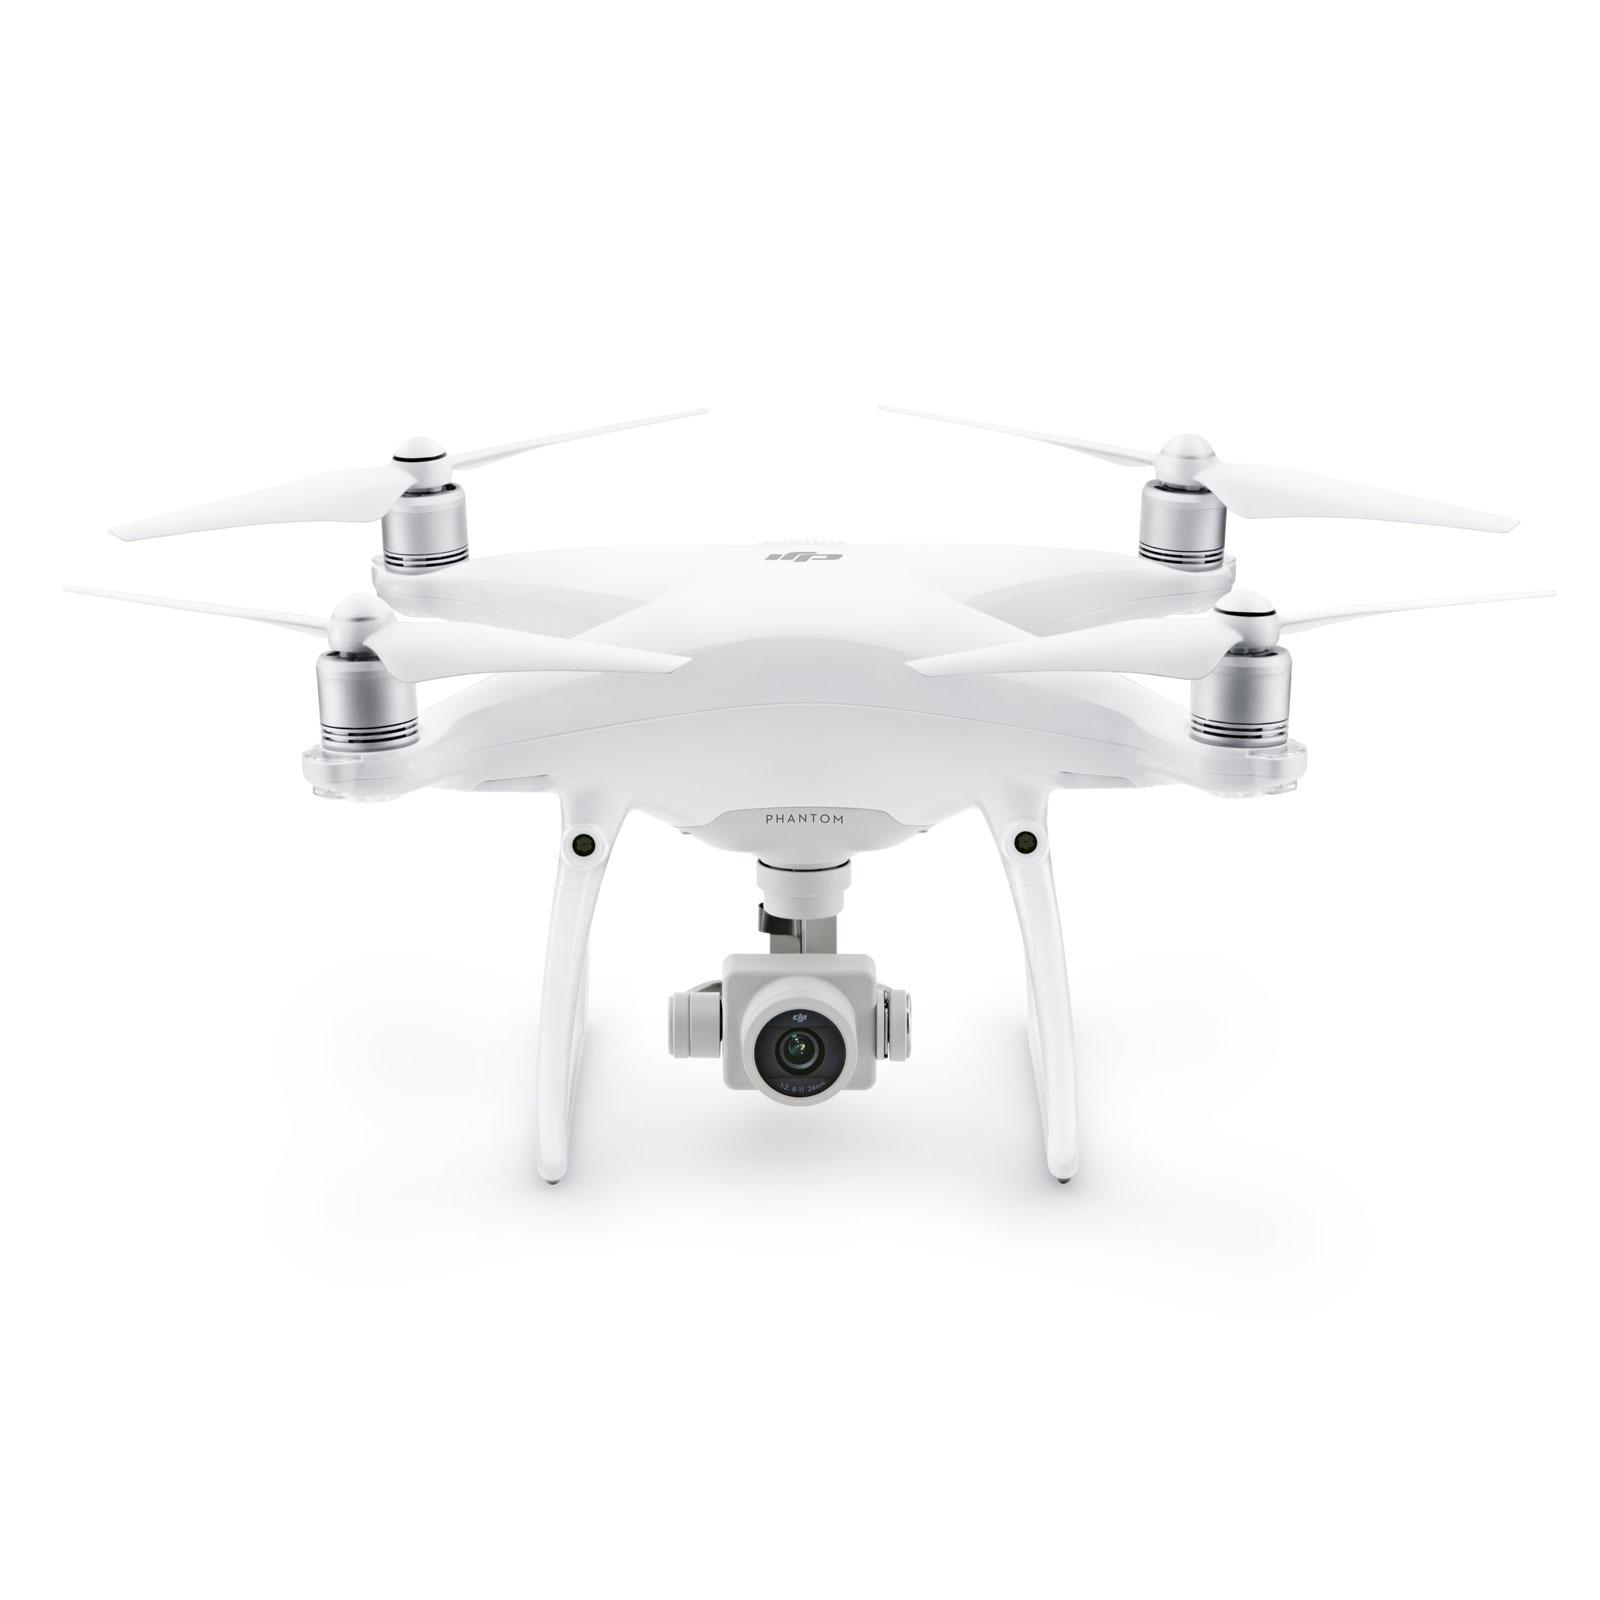 Drone DJI Phantom 4 Pro Plus Quadricoptère avec caméra embarquée 4K, portée 7000 m et radiocommande avec écran intégré (compatible iOS et Android)